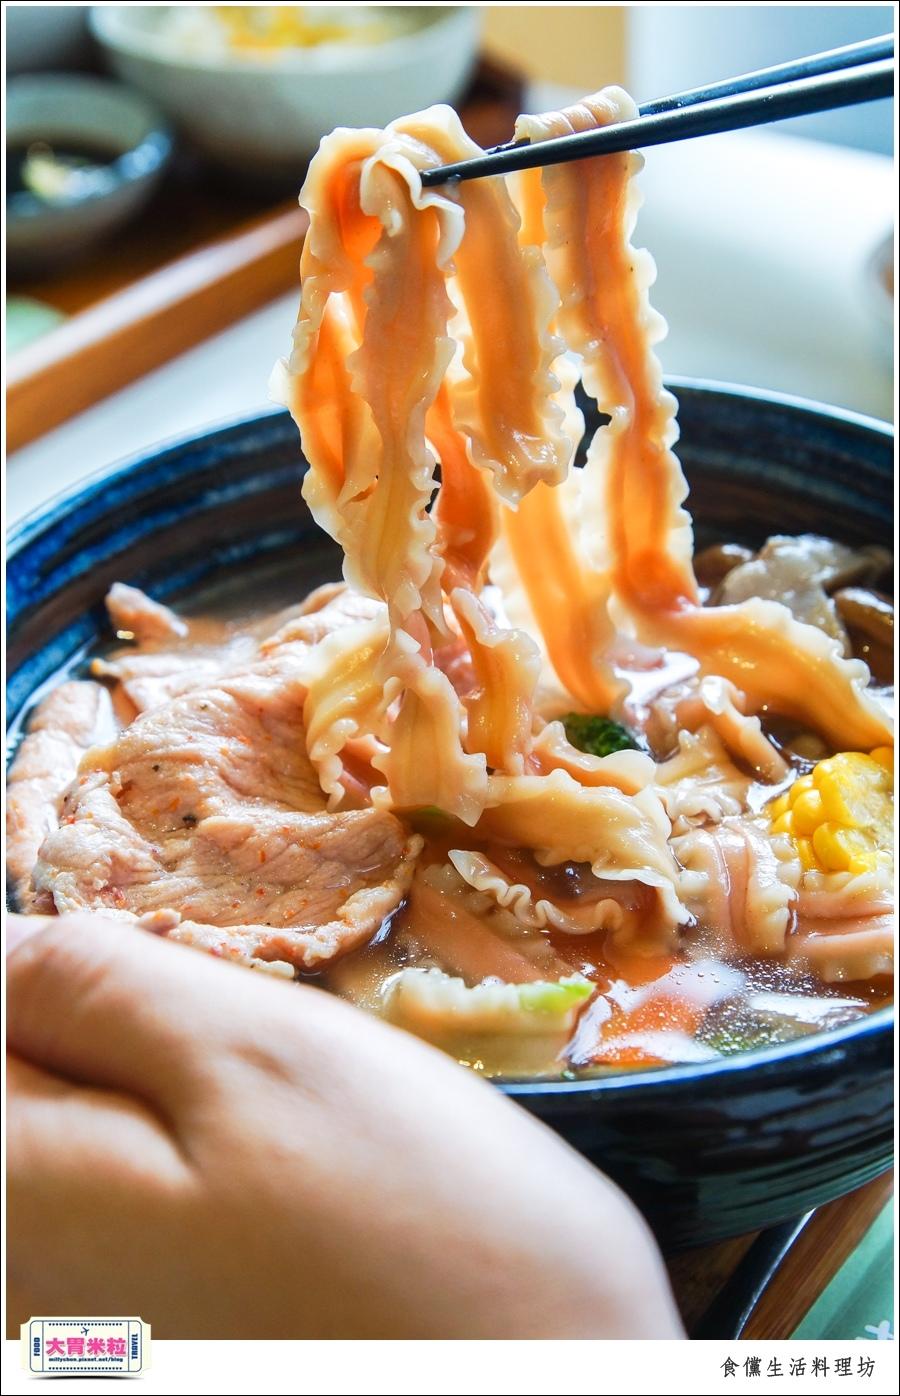 嘉義食儻生活料理坊@嘉義蘭丼街美食@大胃米粒0049.jpg